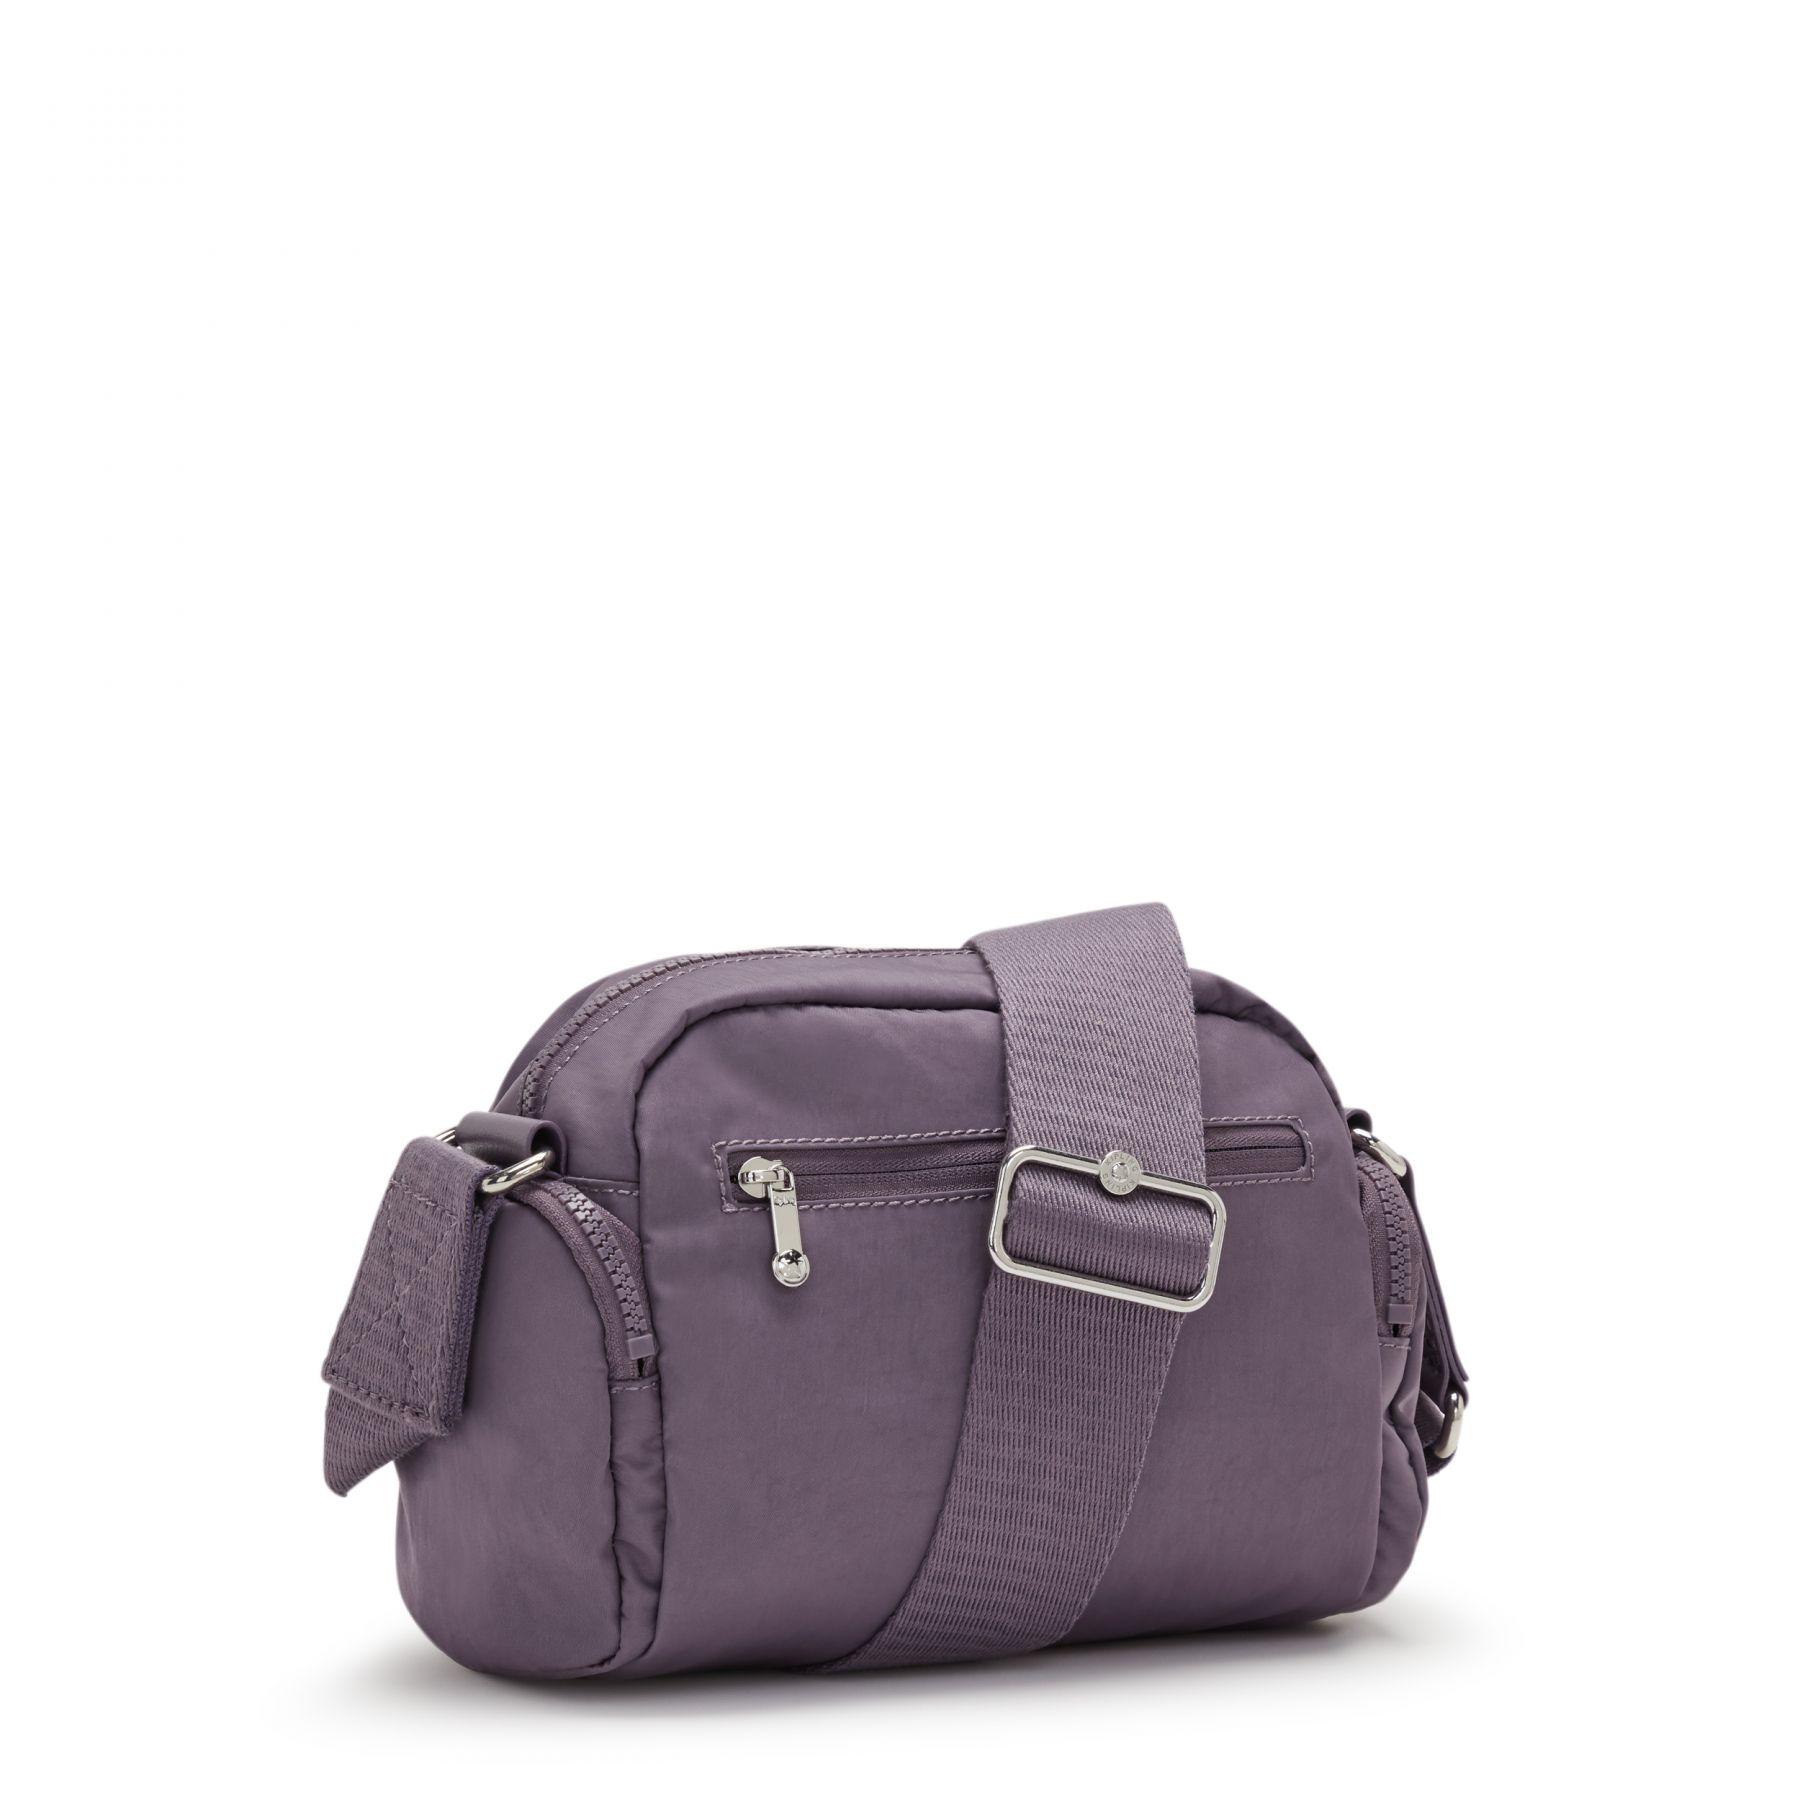 JENERA S BAGS by Kipling - Back view